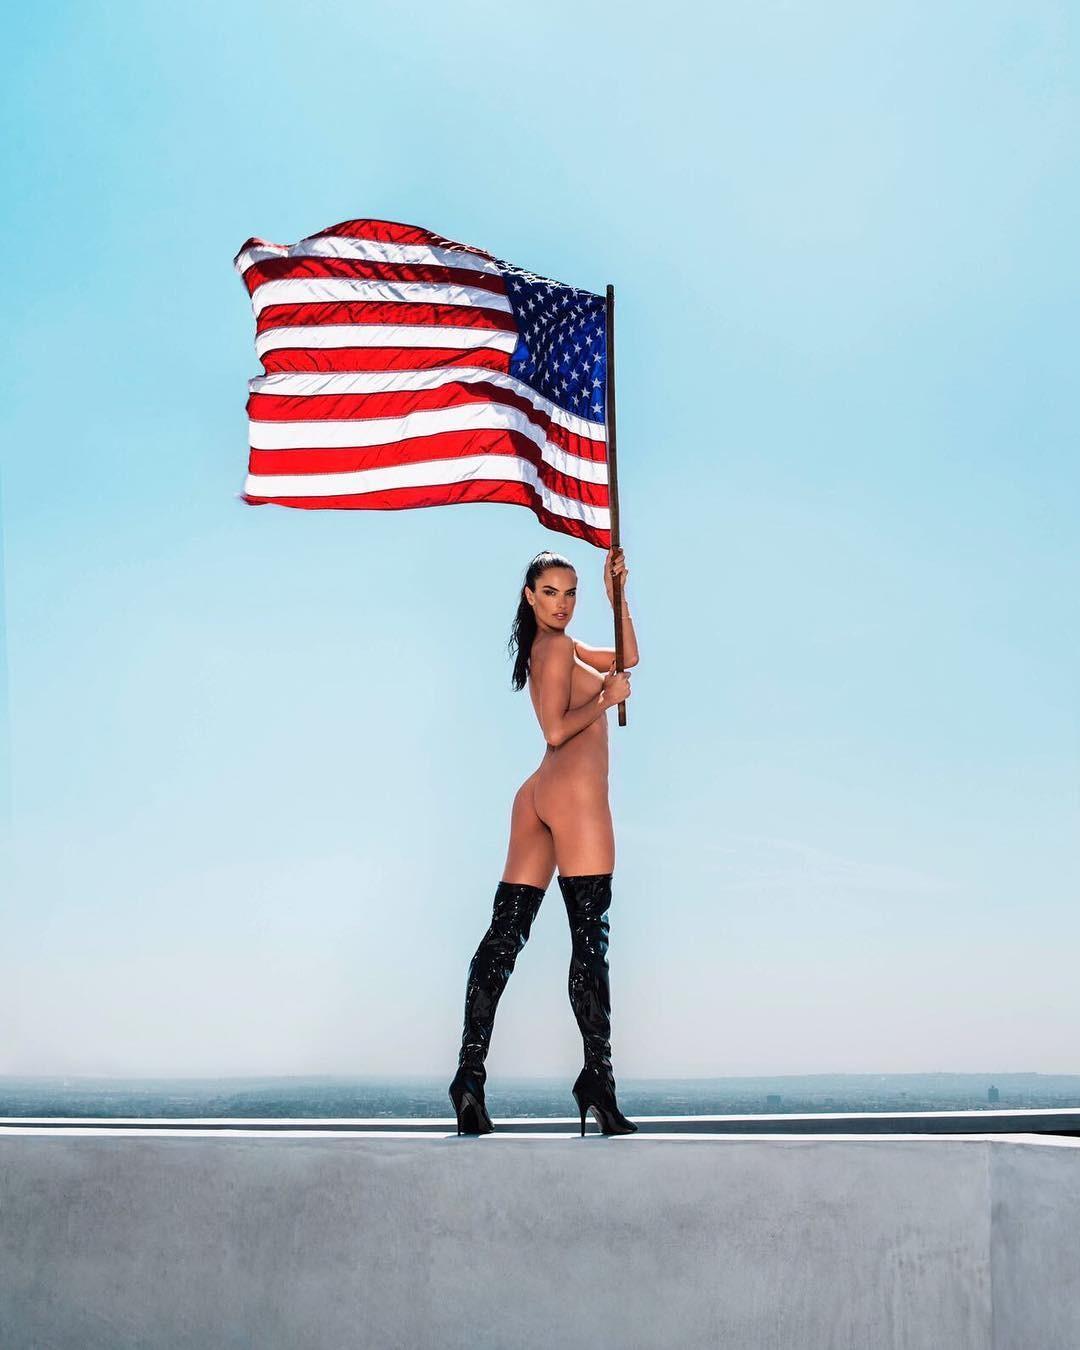 Пэрис Хилтон надела патриотичное бикини в честь Дня независимости США (ФОТО)